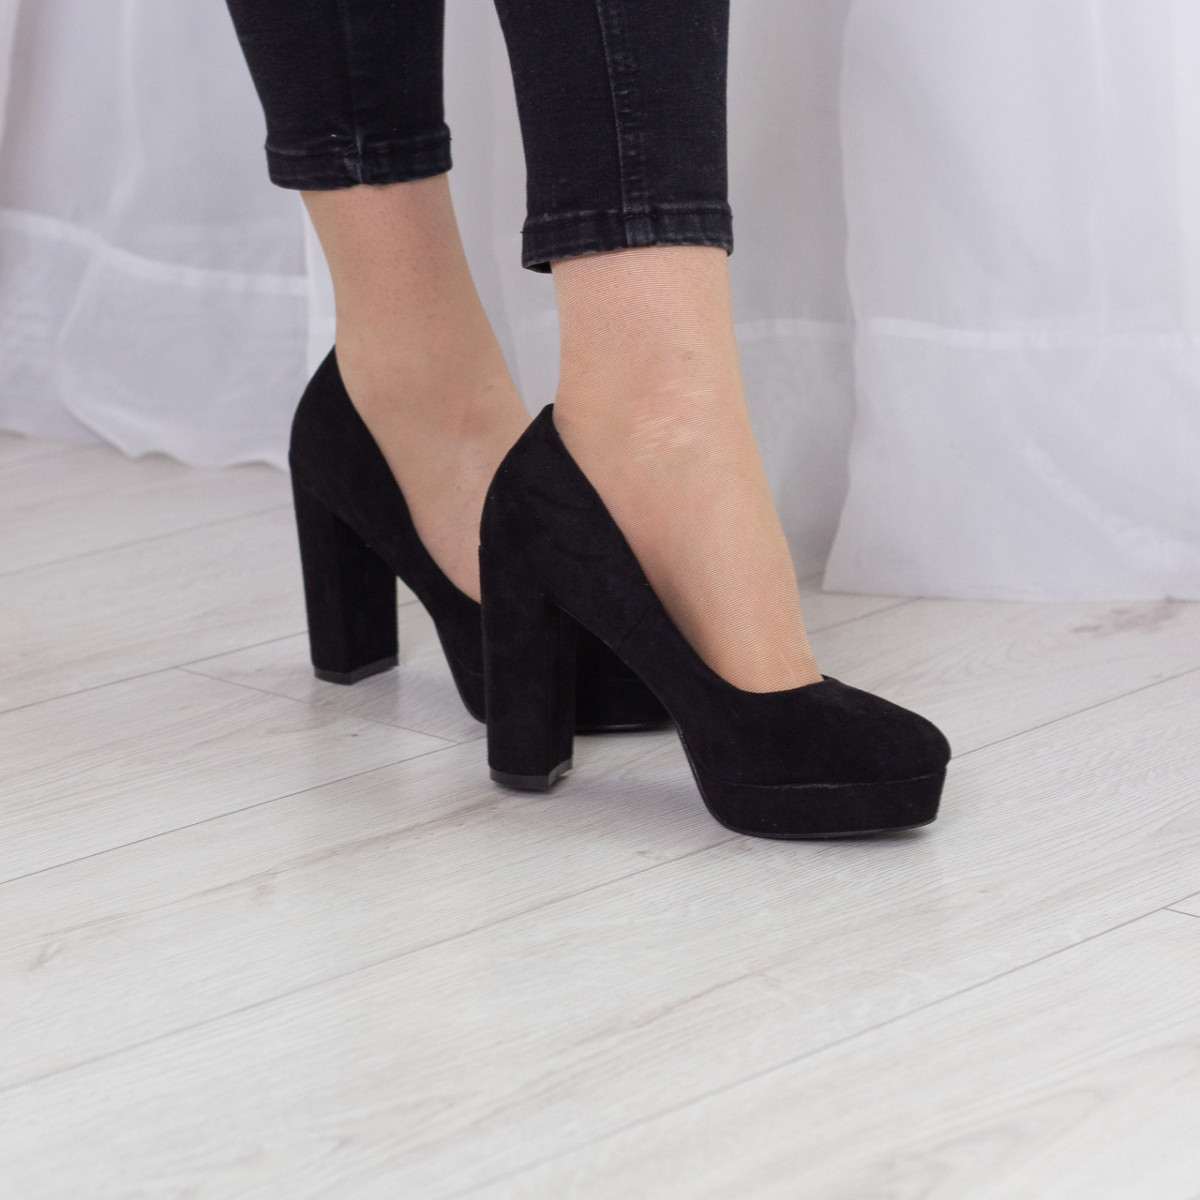 Туфли женские Fashion Chili 2504 36 размер 23 см Черный